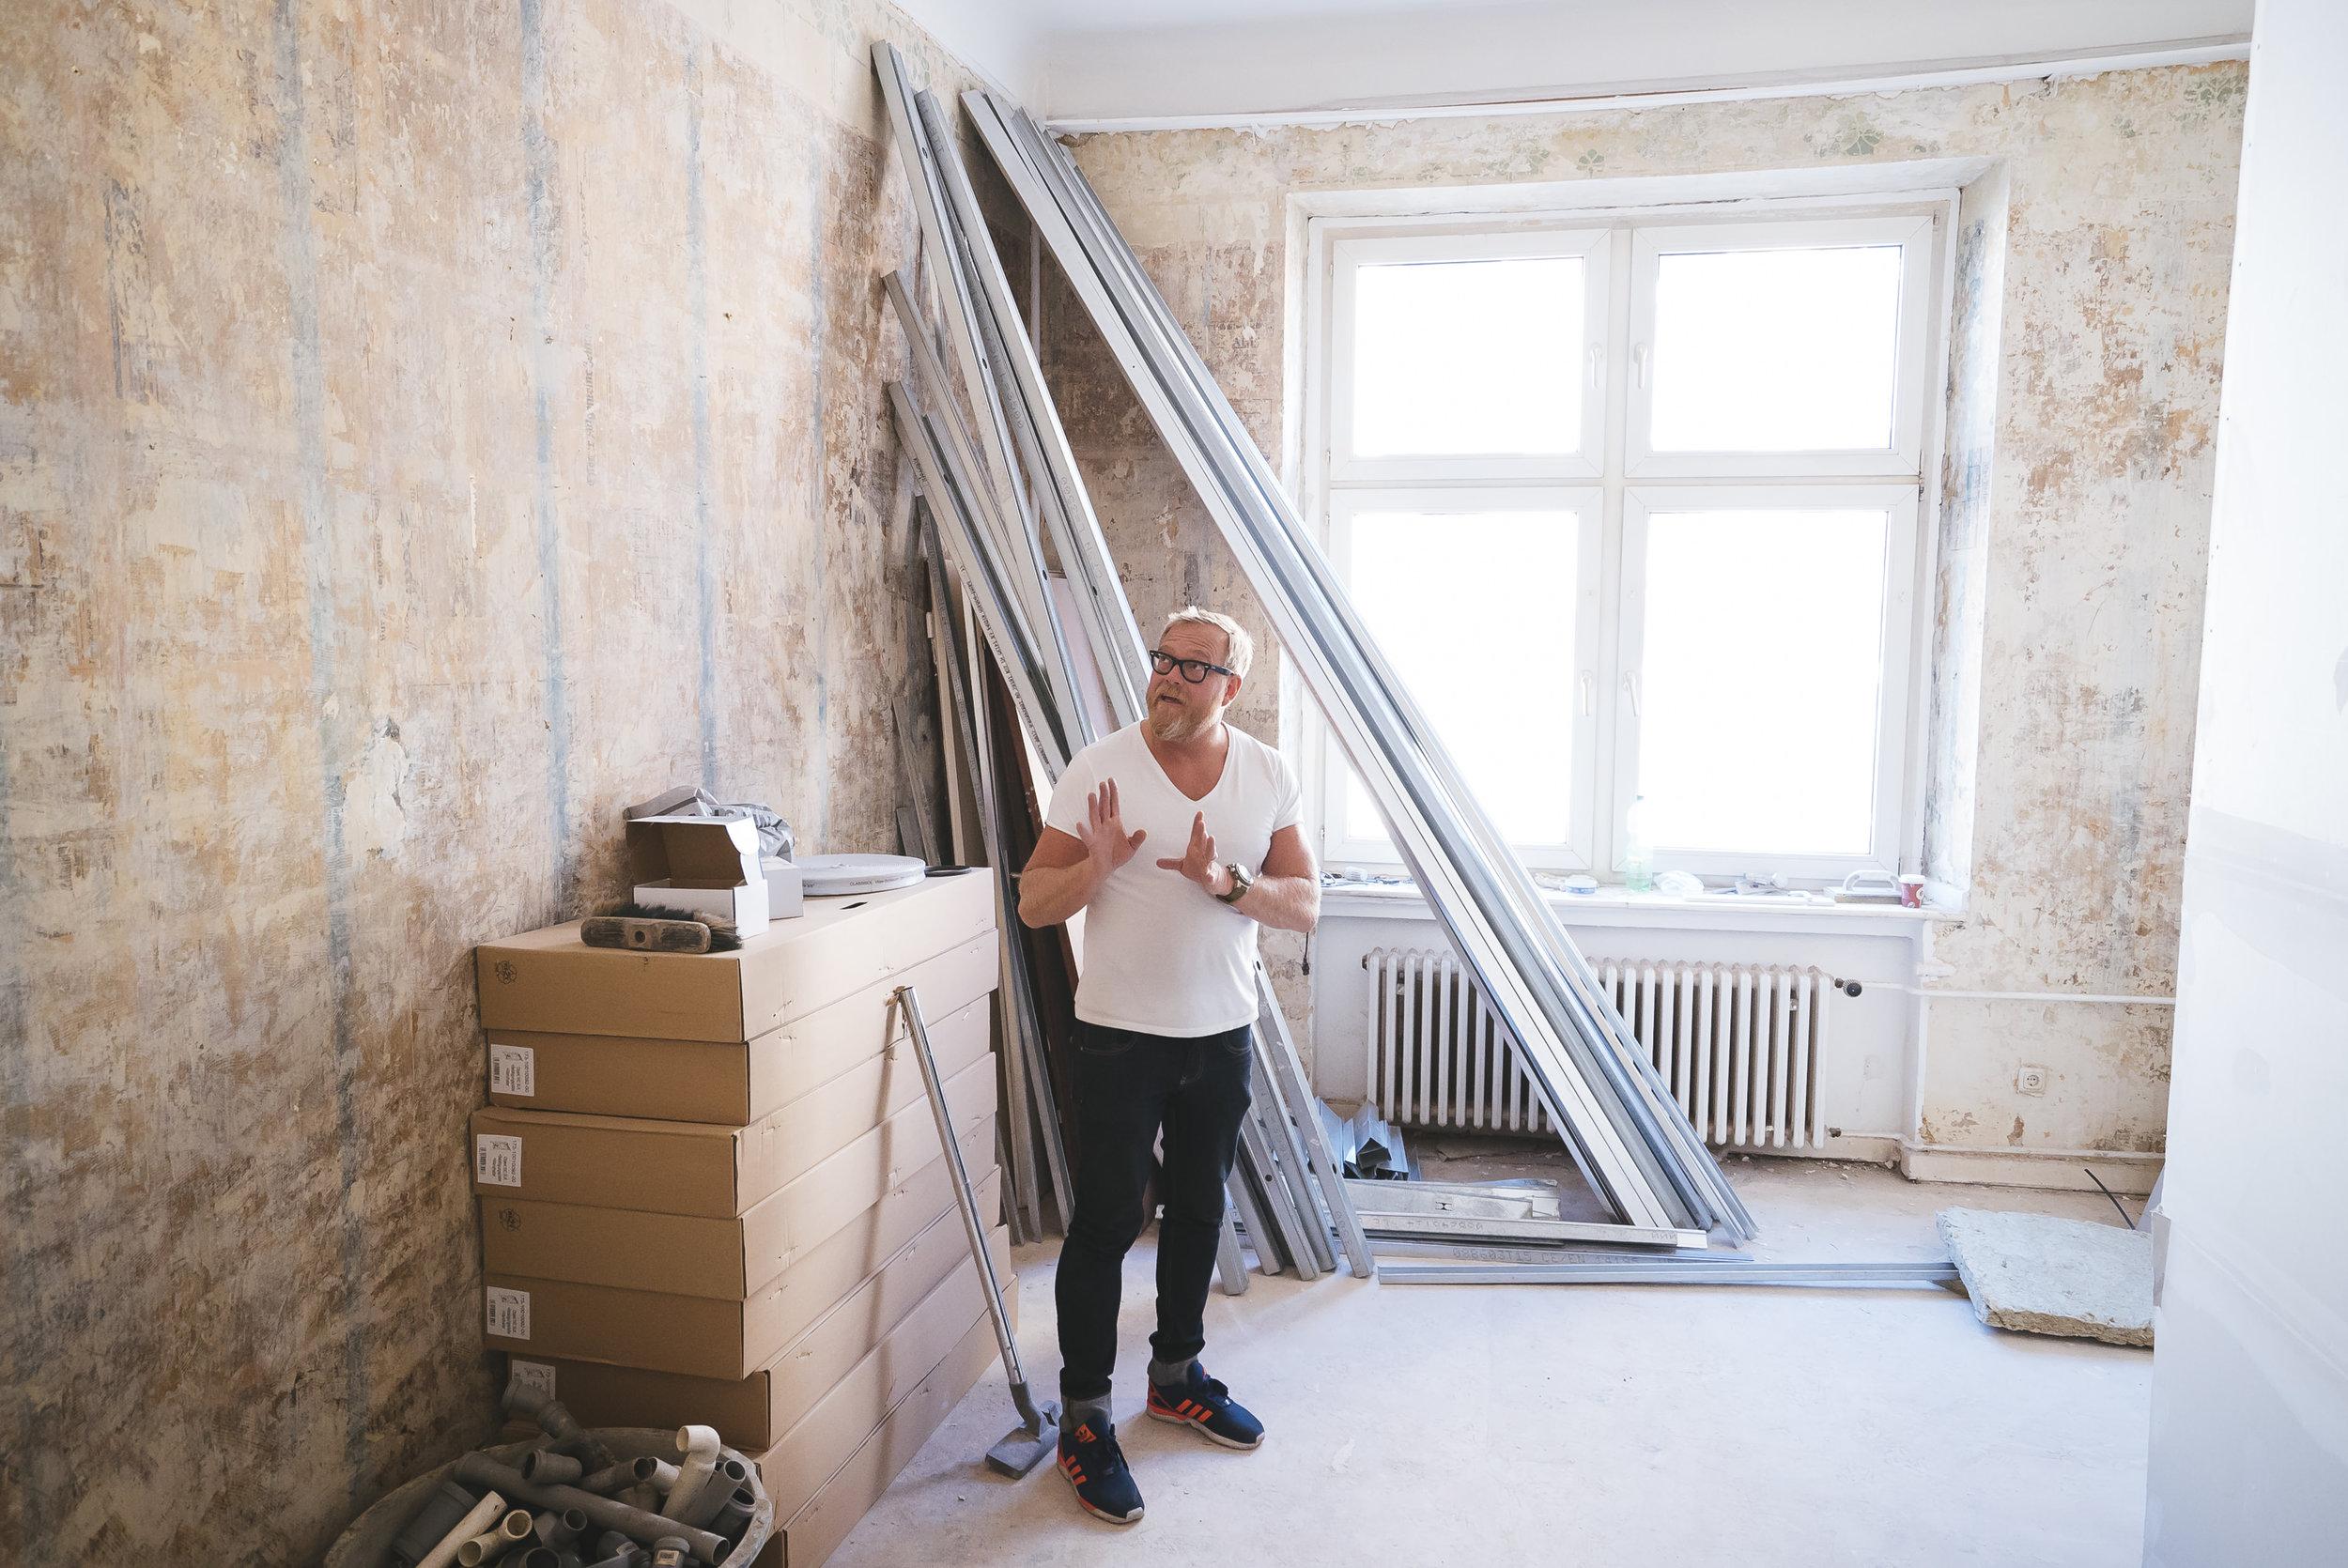 peter-schneider-garage13-essen-pottspott-44.jpg